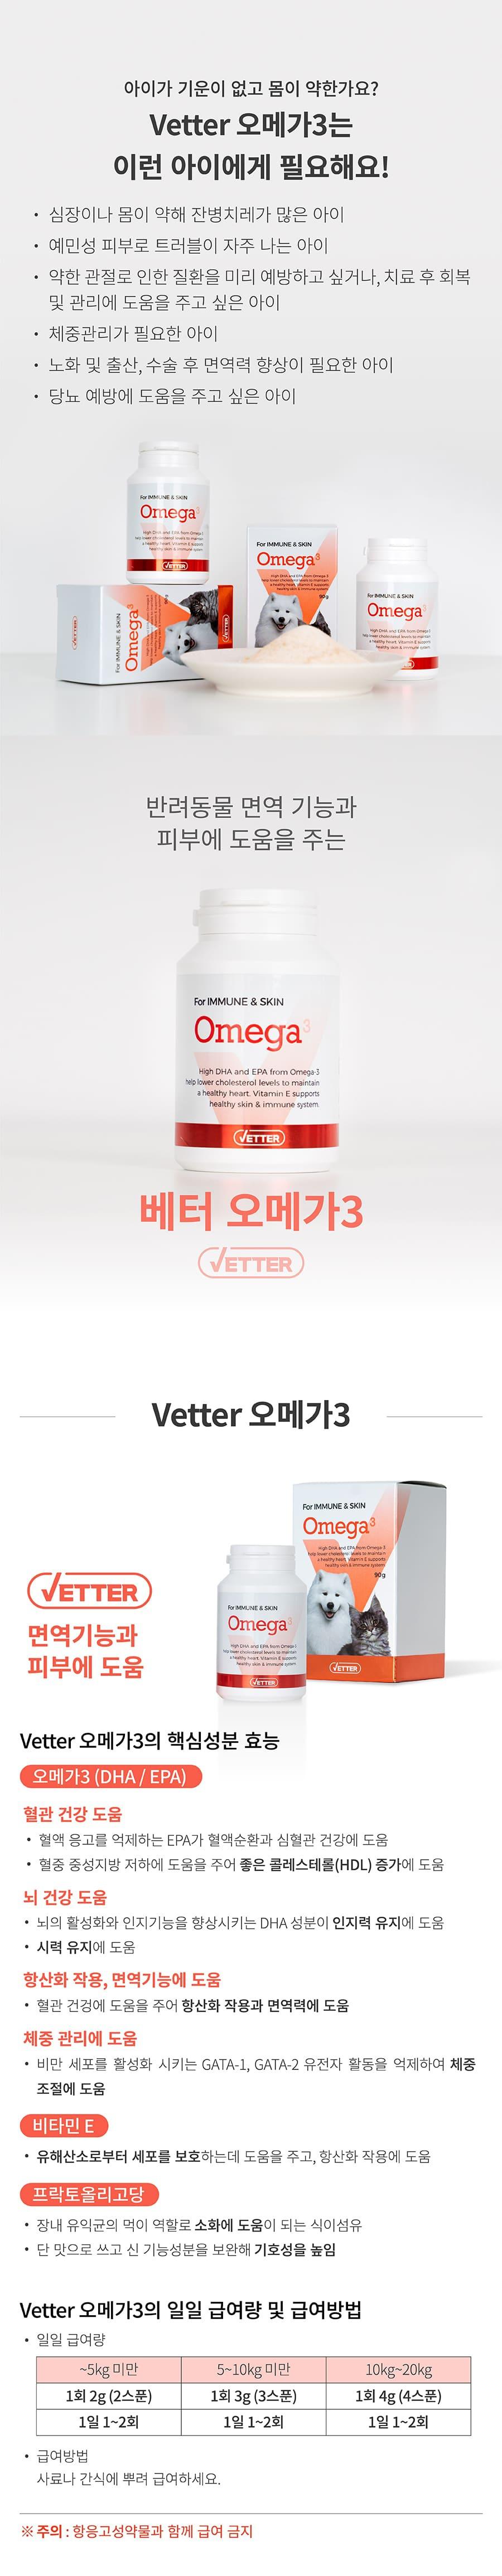 [EVENT] Vetter 댕냥이 영양 파우더 11종 (관절/피부/안정/눈/장/소화)-상품이미지-22